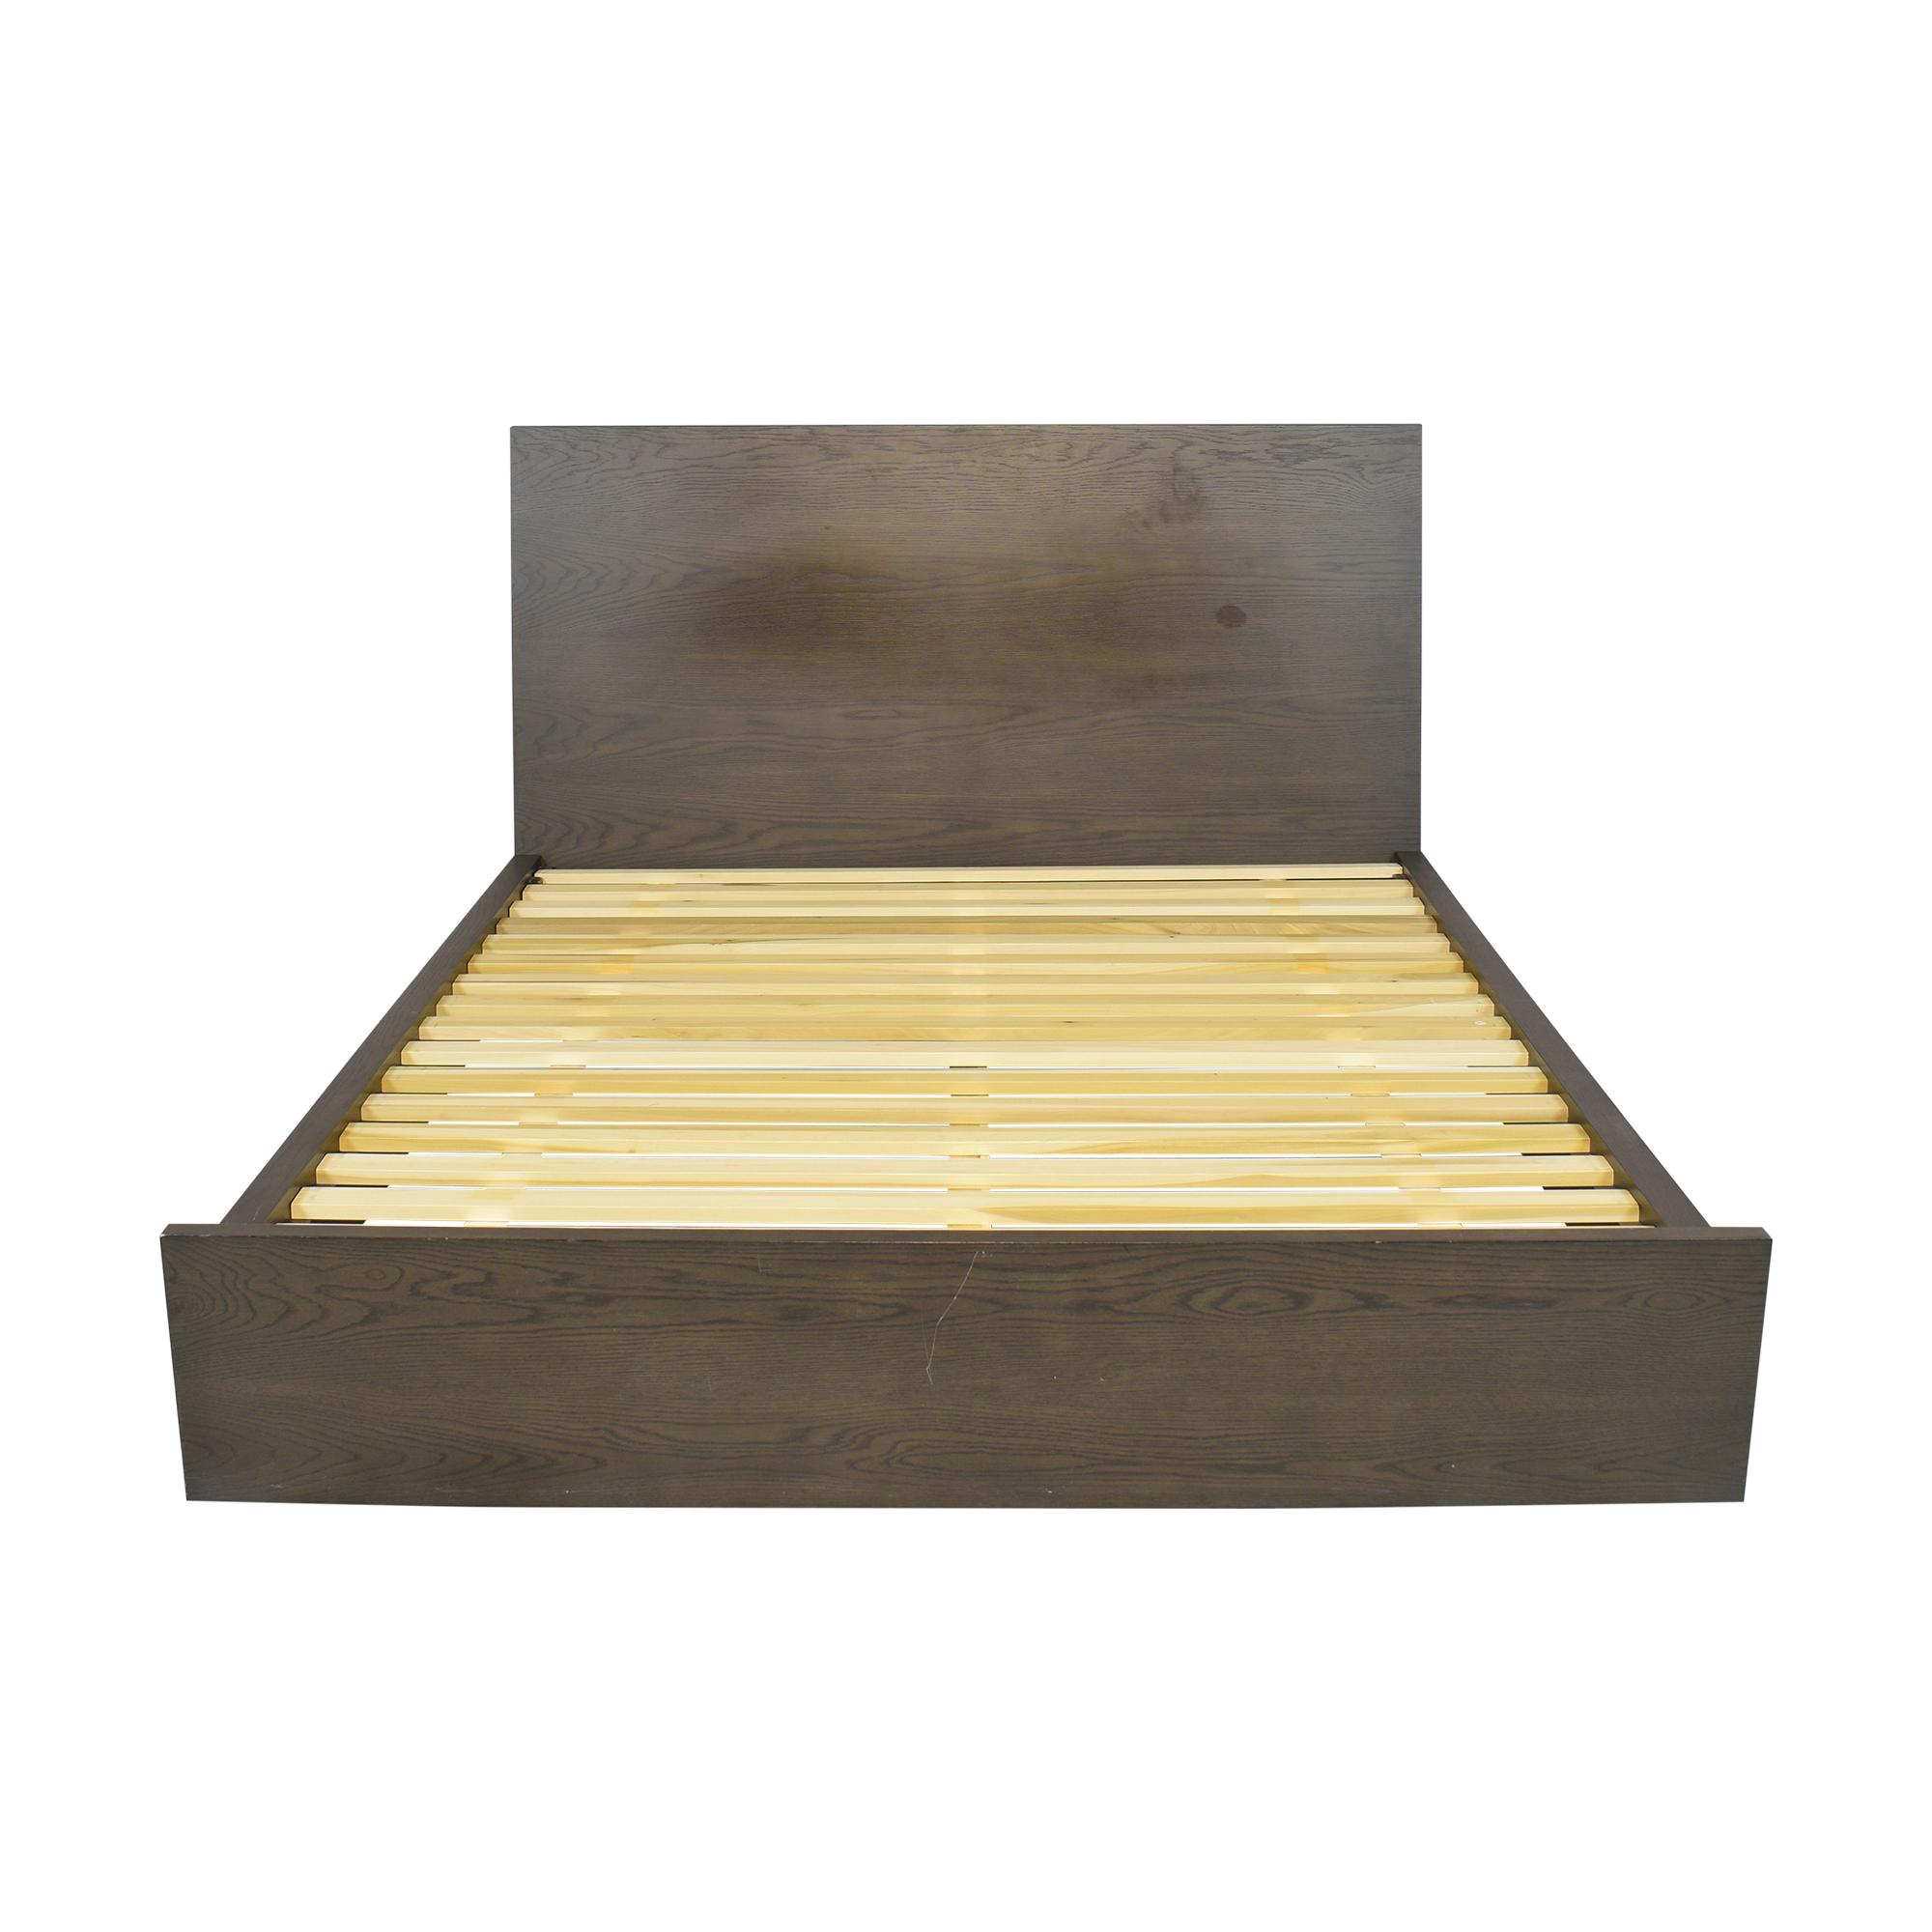 Crate & Barrel Crate & Barrel Reed Queen Bed dark brown